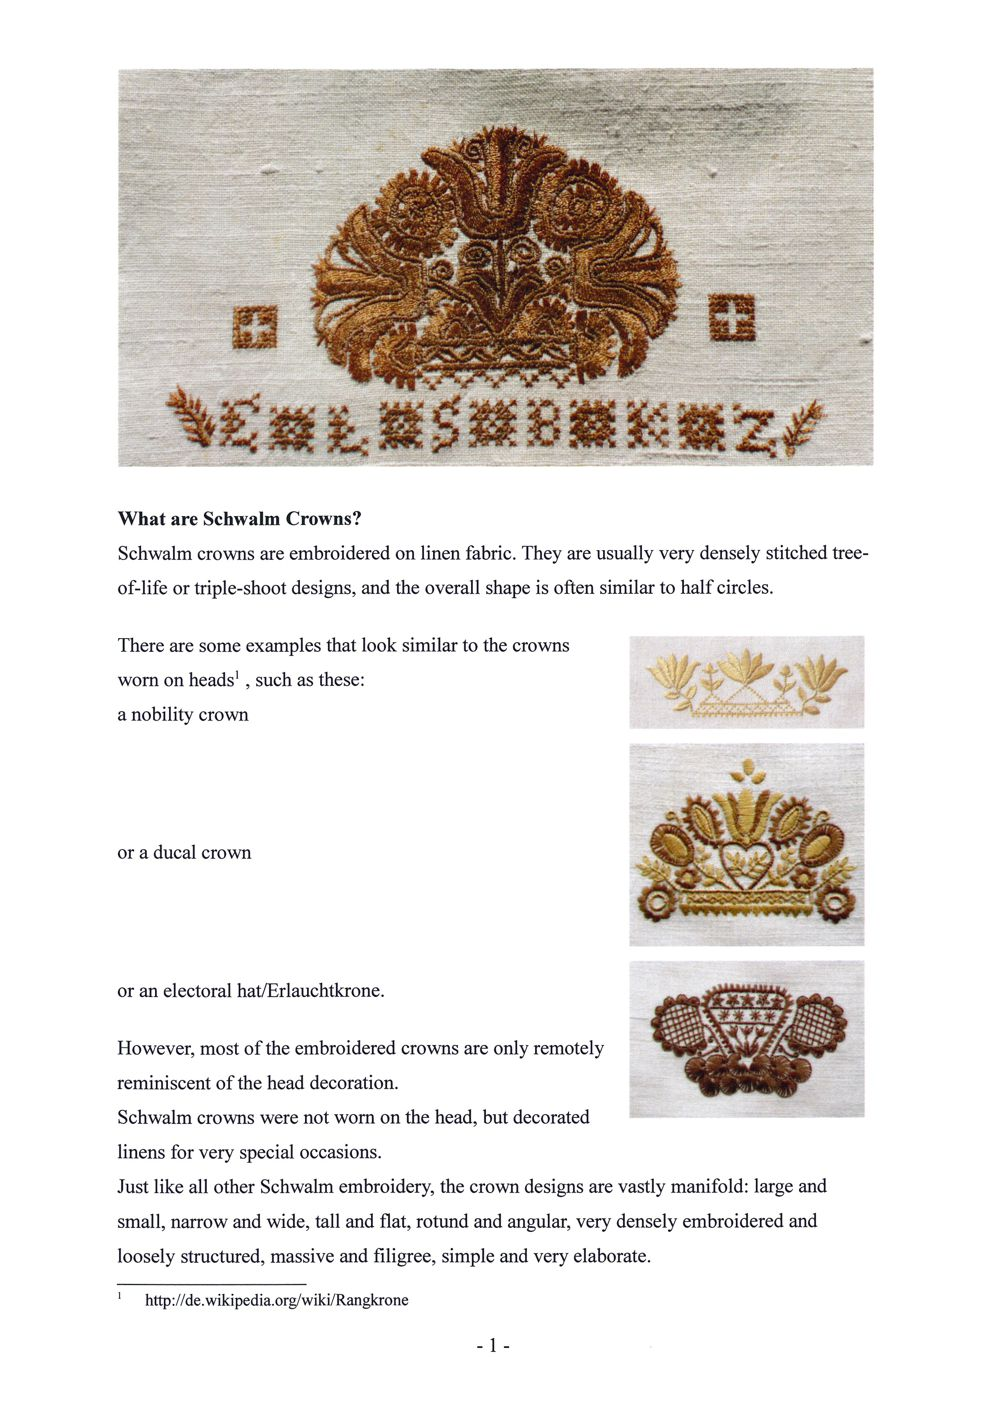 Schwalm Crowns 2 / 2